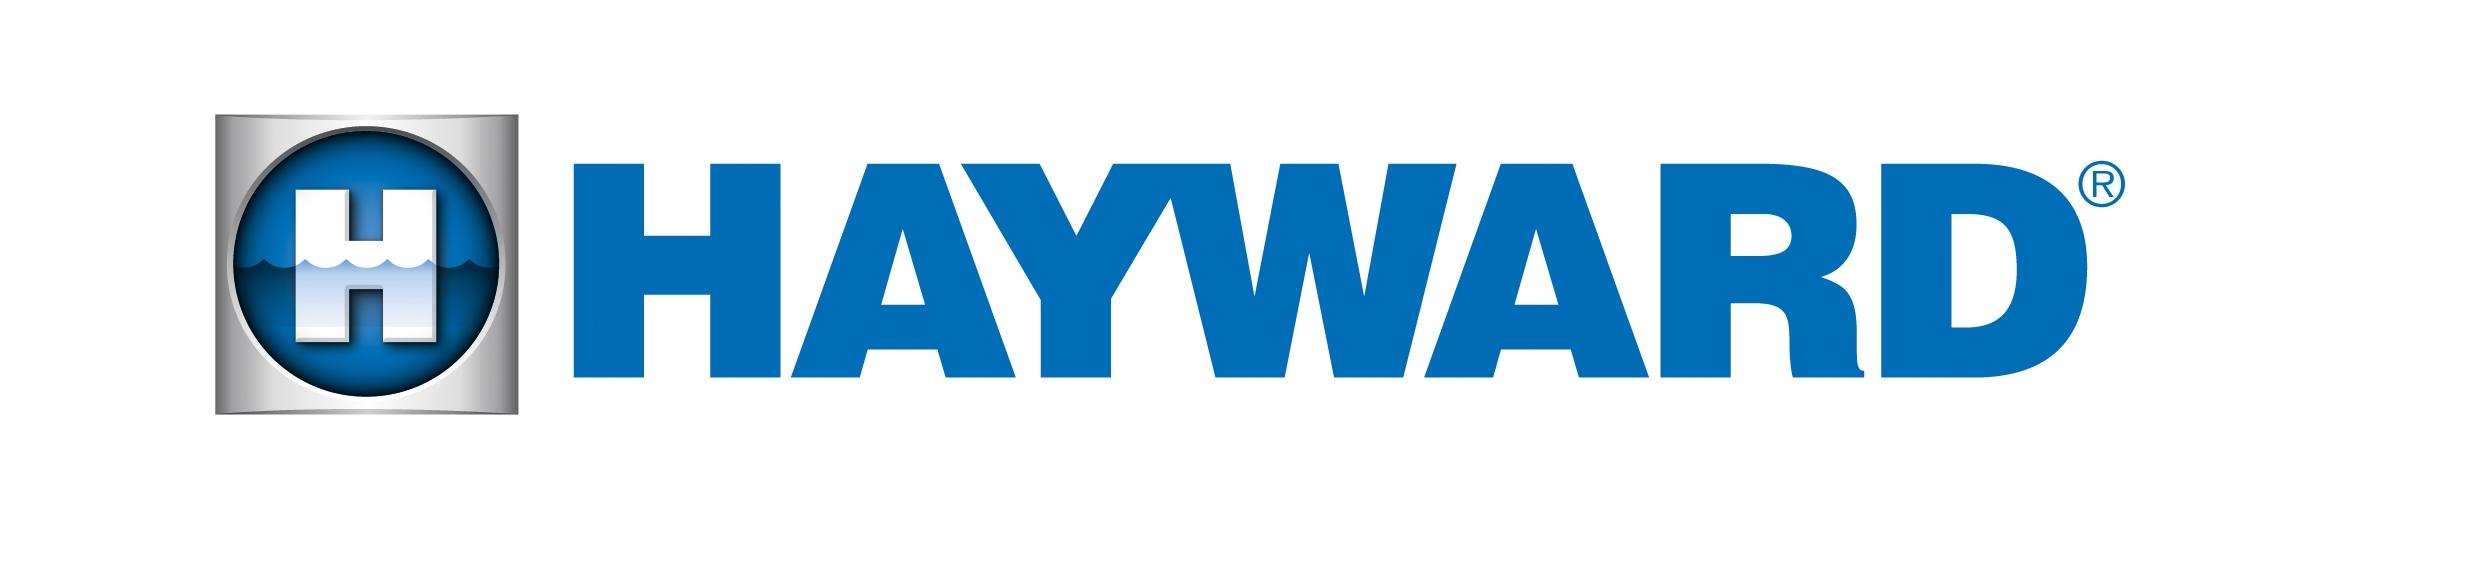 Hayward Pool Equipment